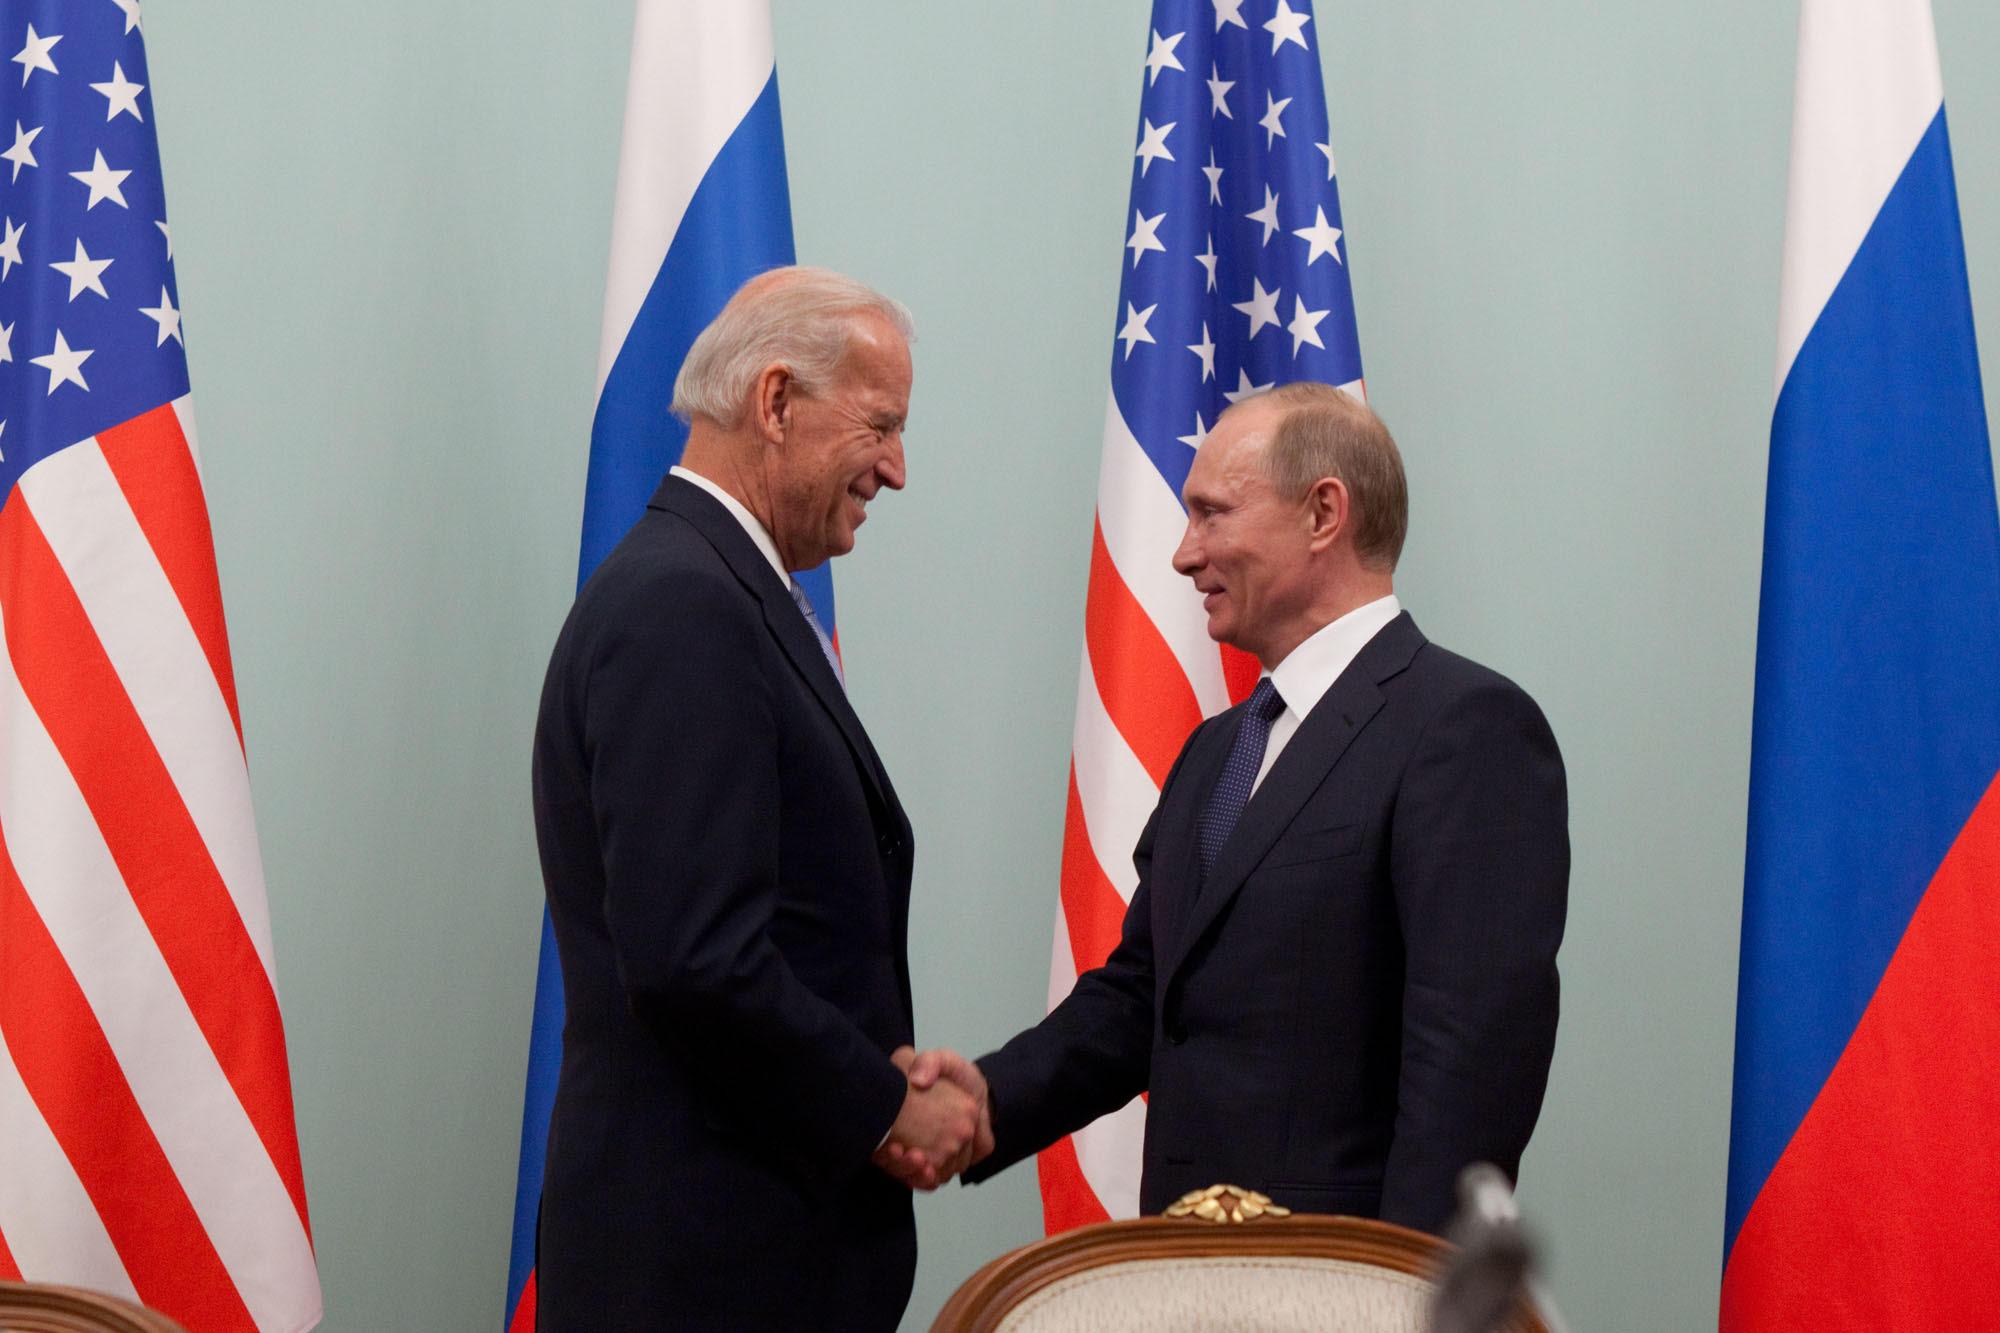 la foto a colori mostra in primo piano il Vicepresidente Usa Joe Biden che stringe la mano al Primo Ministro russo Vladimir Putin; sullo sfondo le bandiere dei due Paesi